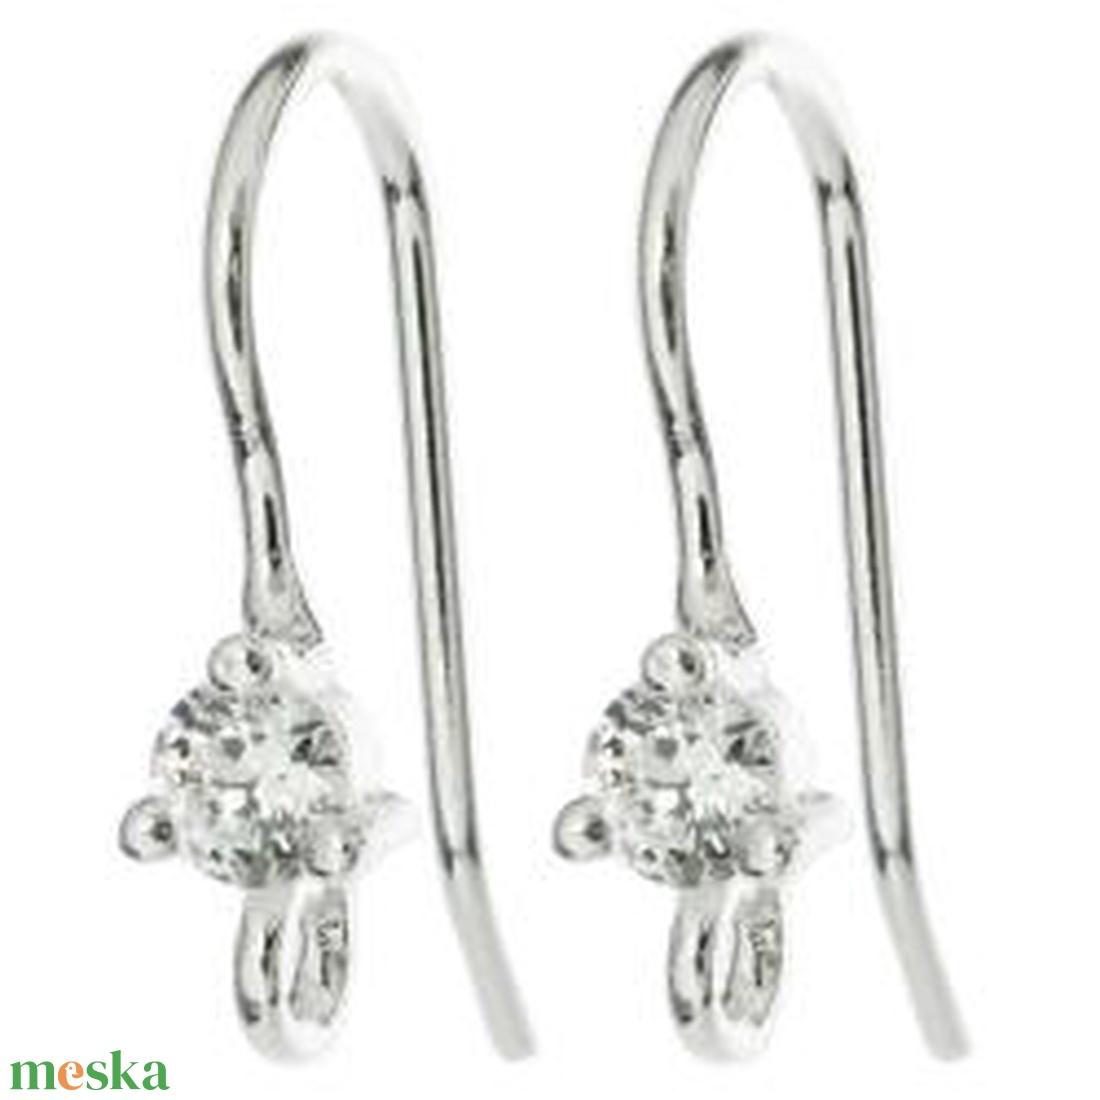 925-ös finomságú sterling  ezüst fülbevaló kapocs EFK A 02 clear - gyöngy, ékszerkellék - egyéb alkatrész - Meska.hu